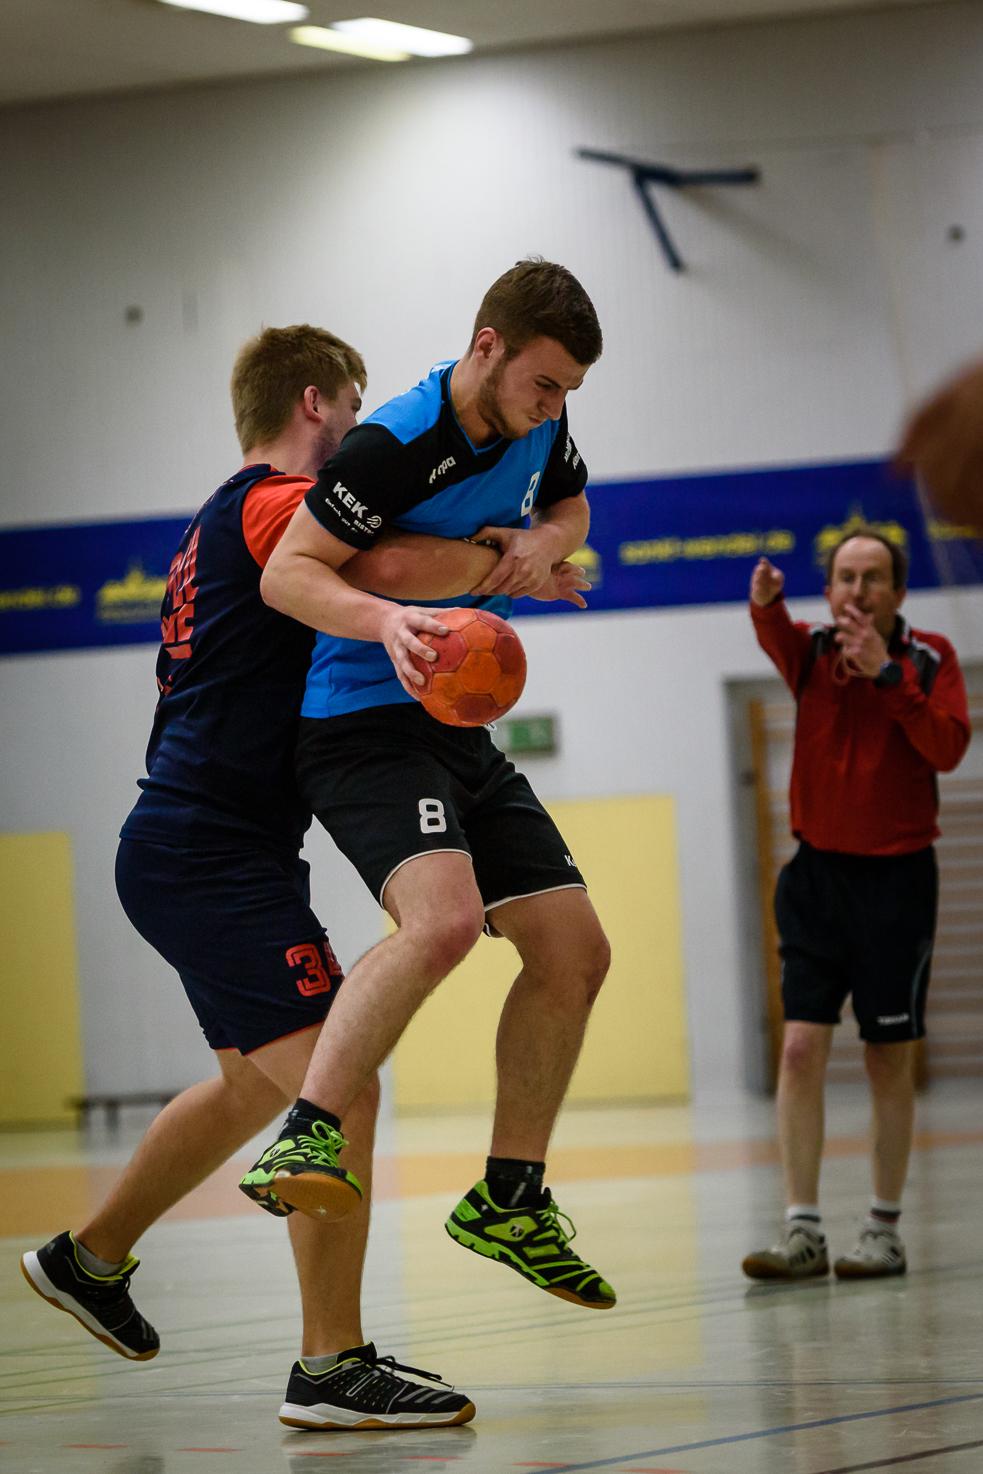 handball_herren_121117SH7_8902